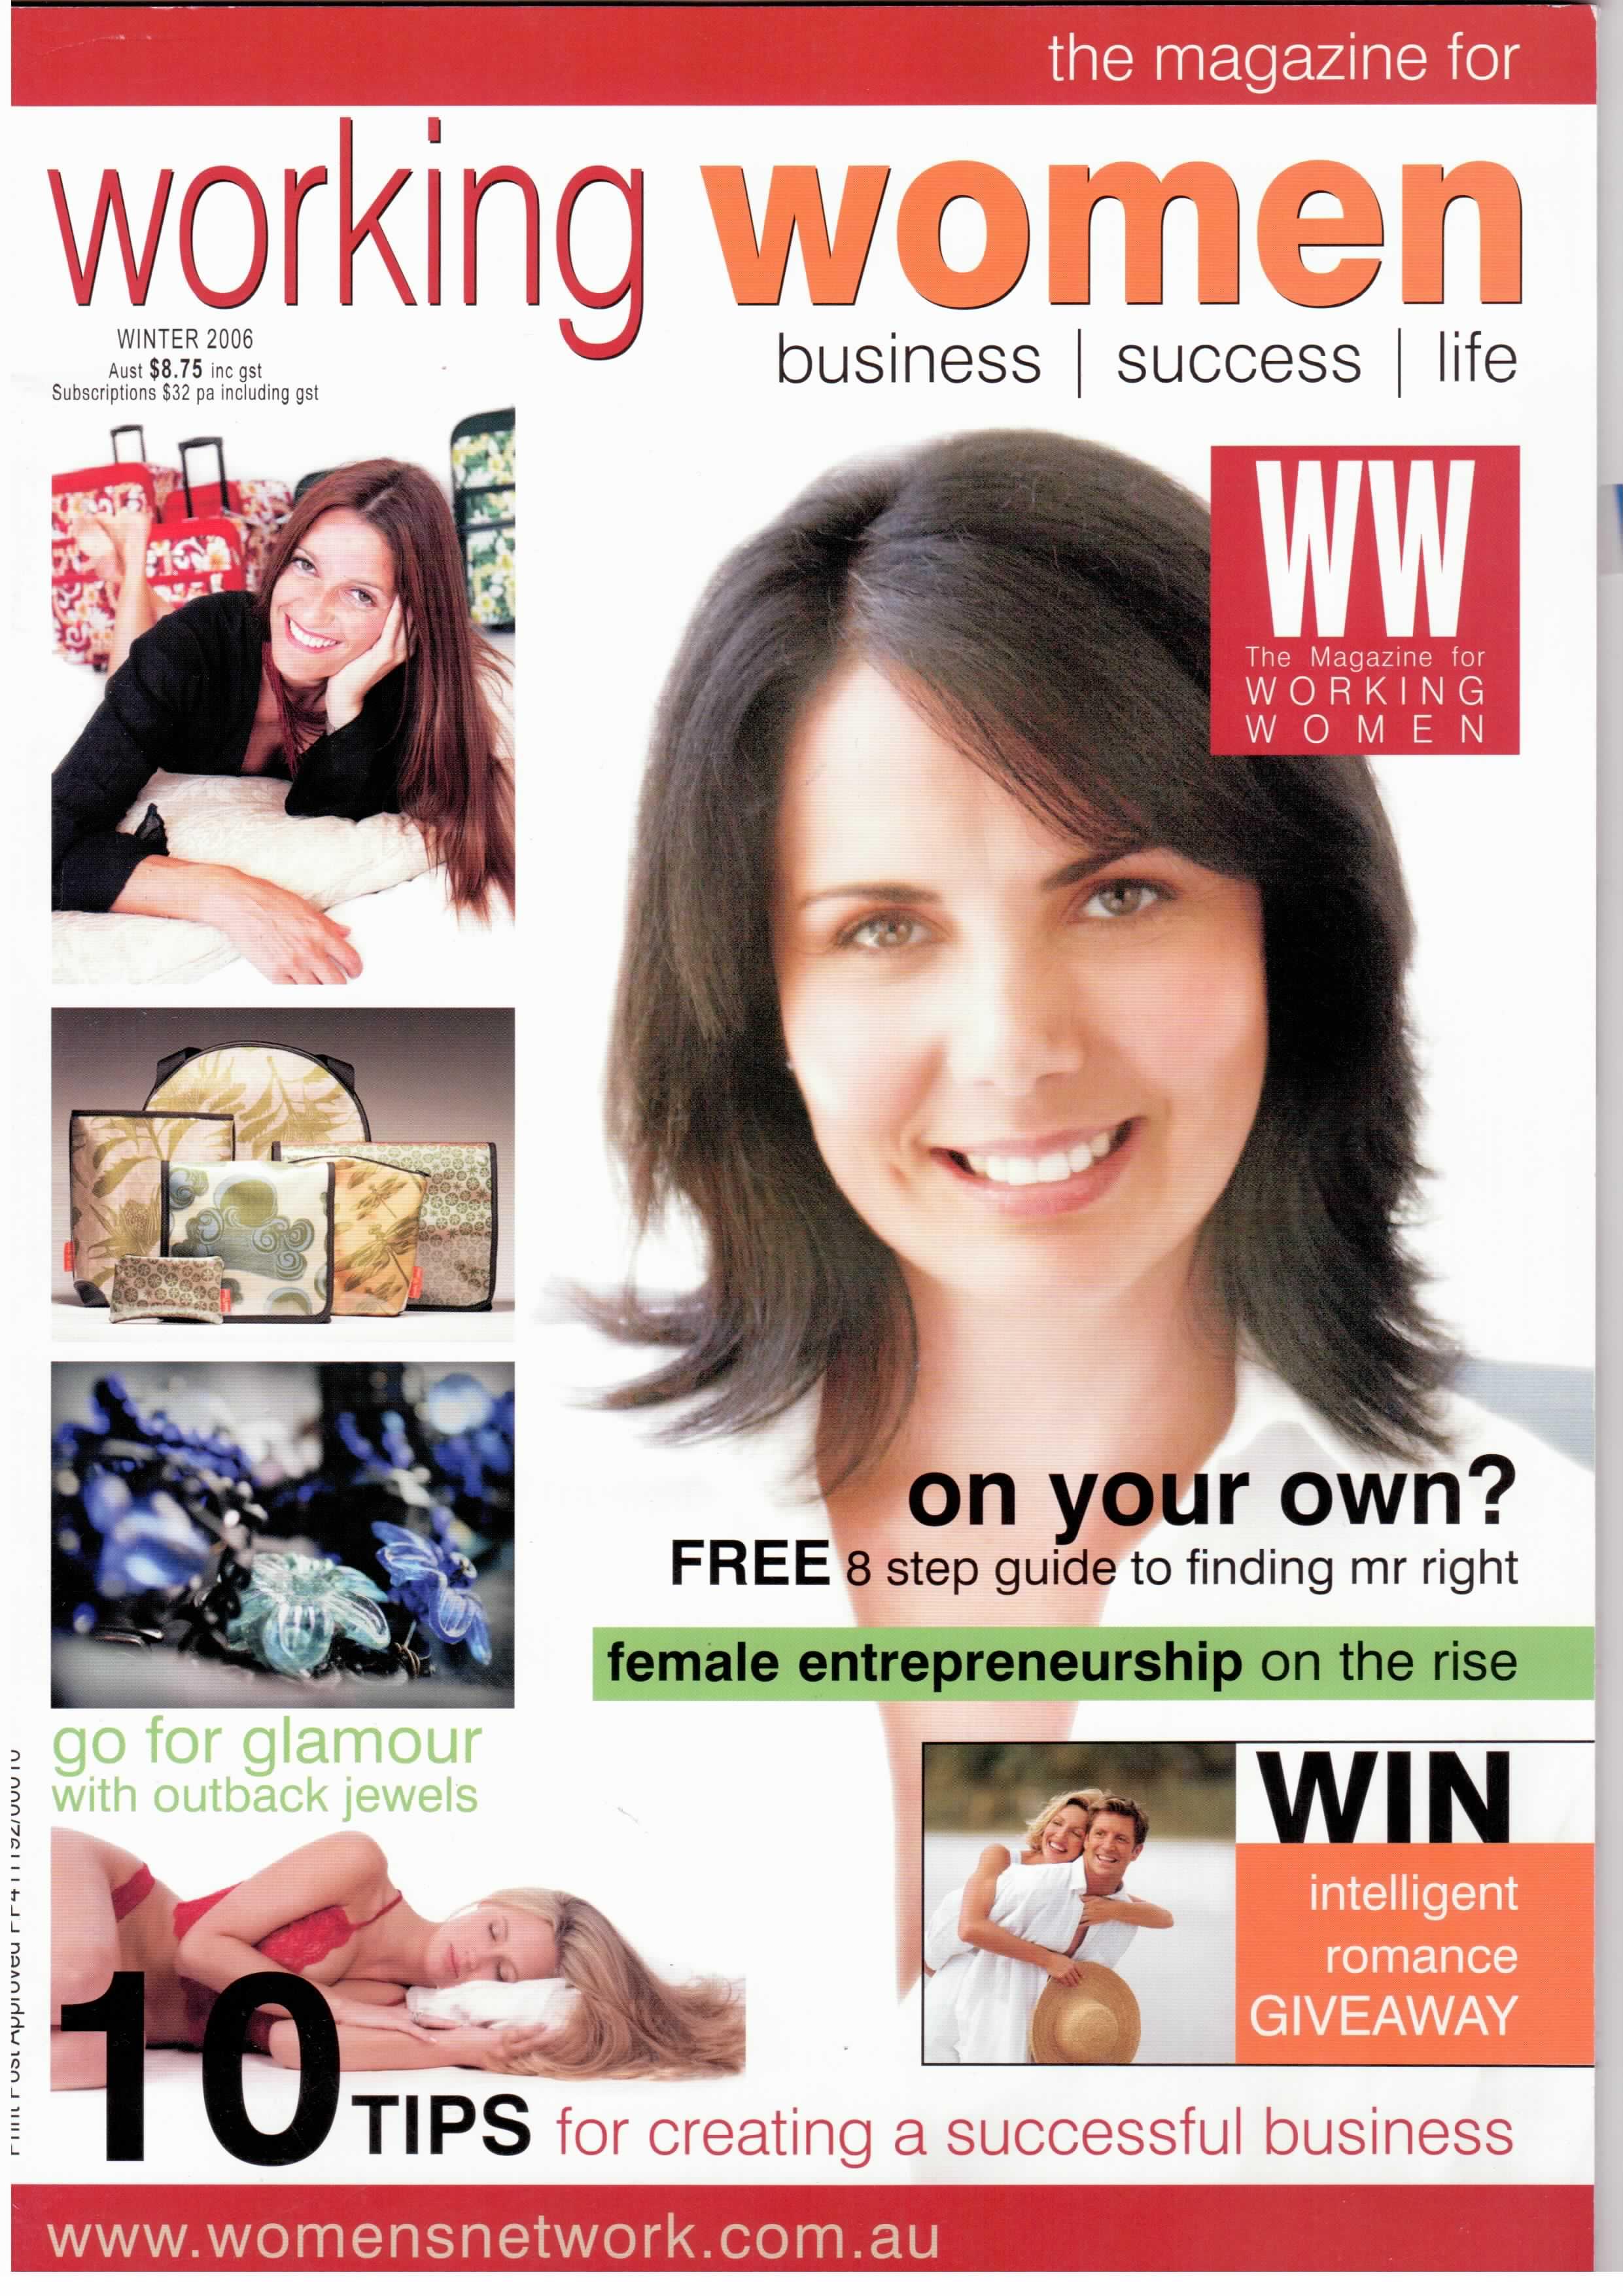 Working Women Magazine cover winter 2006